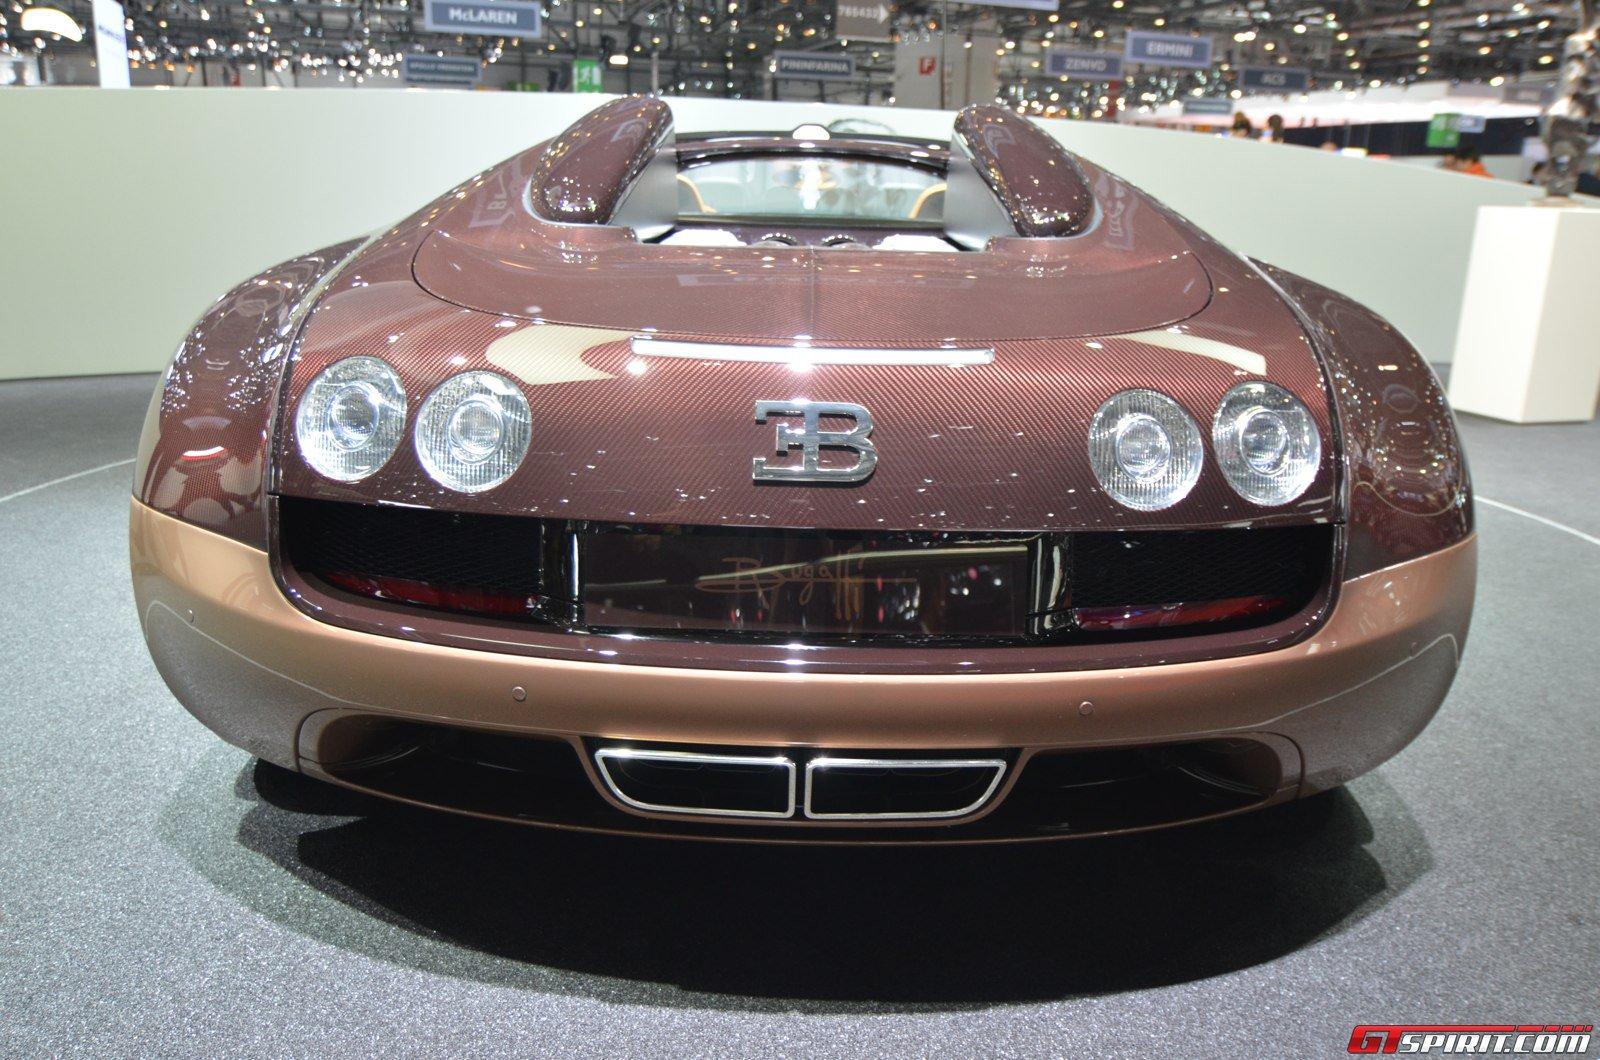 """Hé lộ siêu xe """"huyền thoại"""" sắp ra mắt của Bugatti - Ảnh 3"""